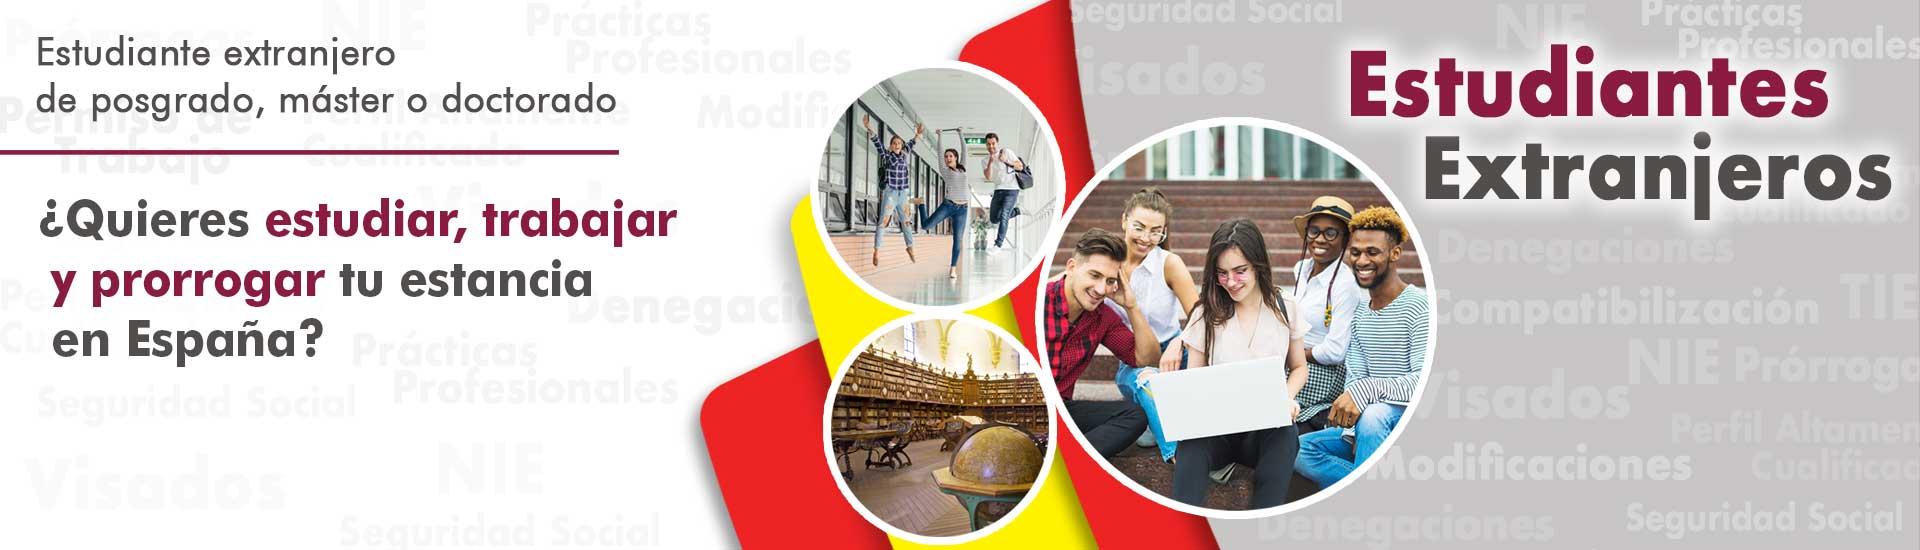 Slide Estudiantes Extranjeros Habeas Legal 2021 - Abogados Internacionales especializados en Extranjería, Inmigración y Laboral